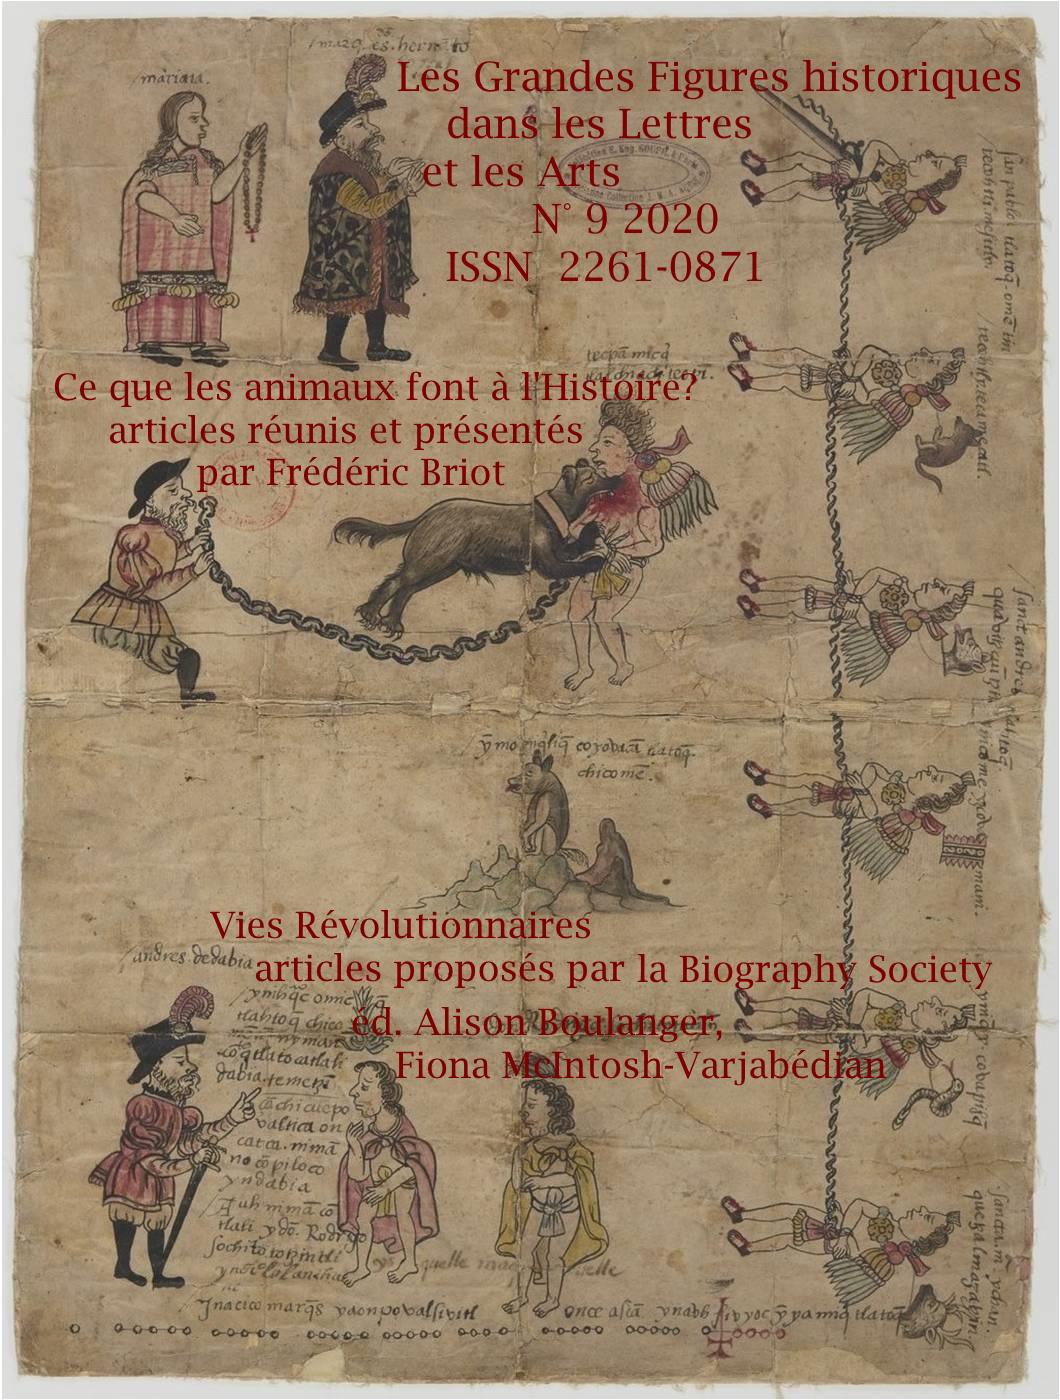 Les grandes figures historiques dans les lettres et les arts, n° 9: